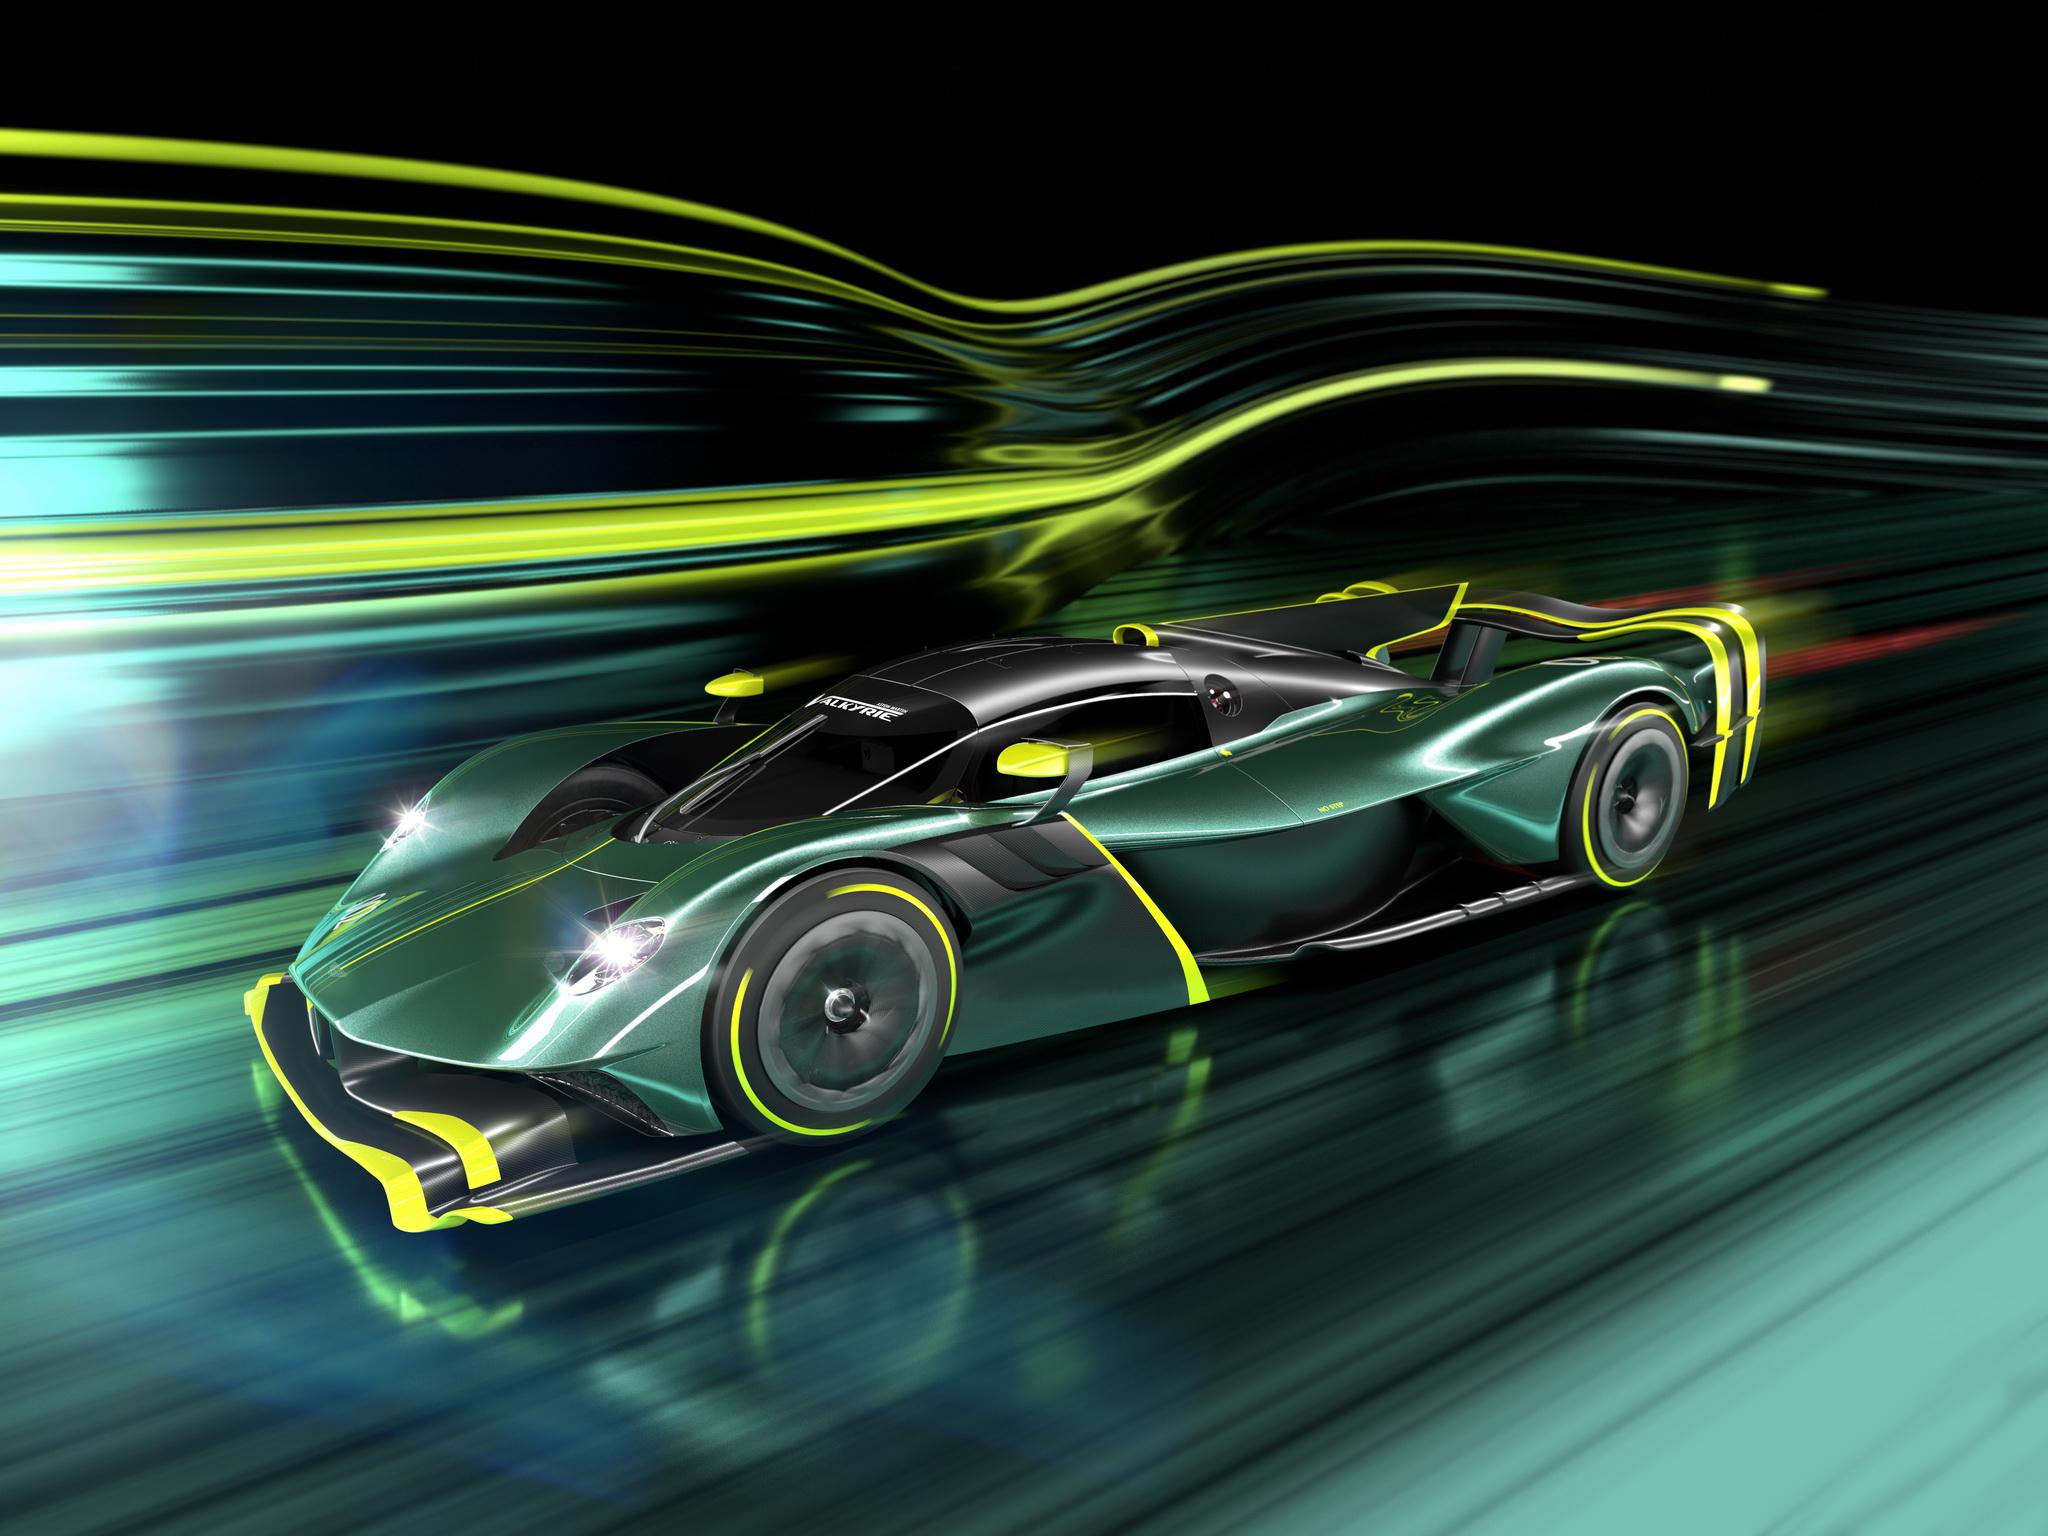 เผยโฉม!! Aston Martin Valkyrie AMR PRO ไฮเปอร์คาร์ร่างทรง F1